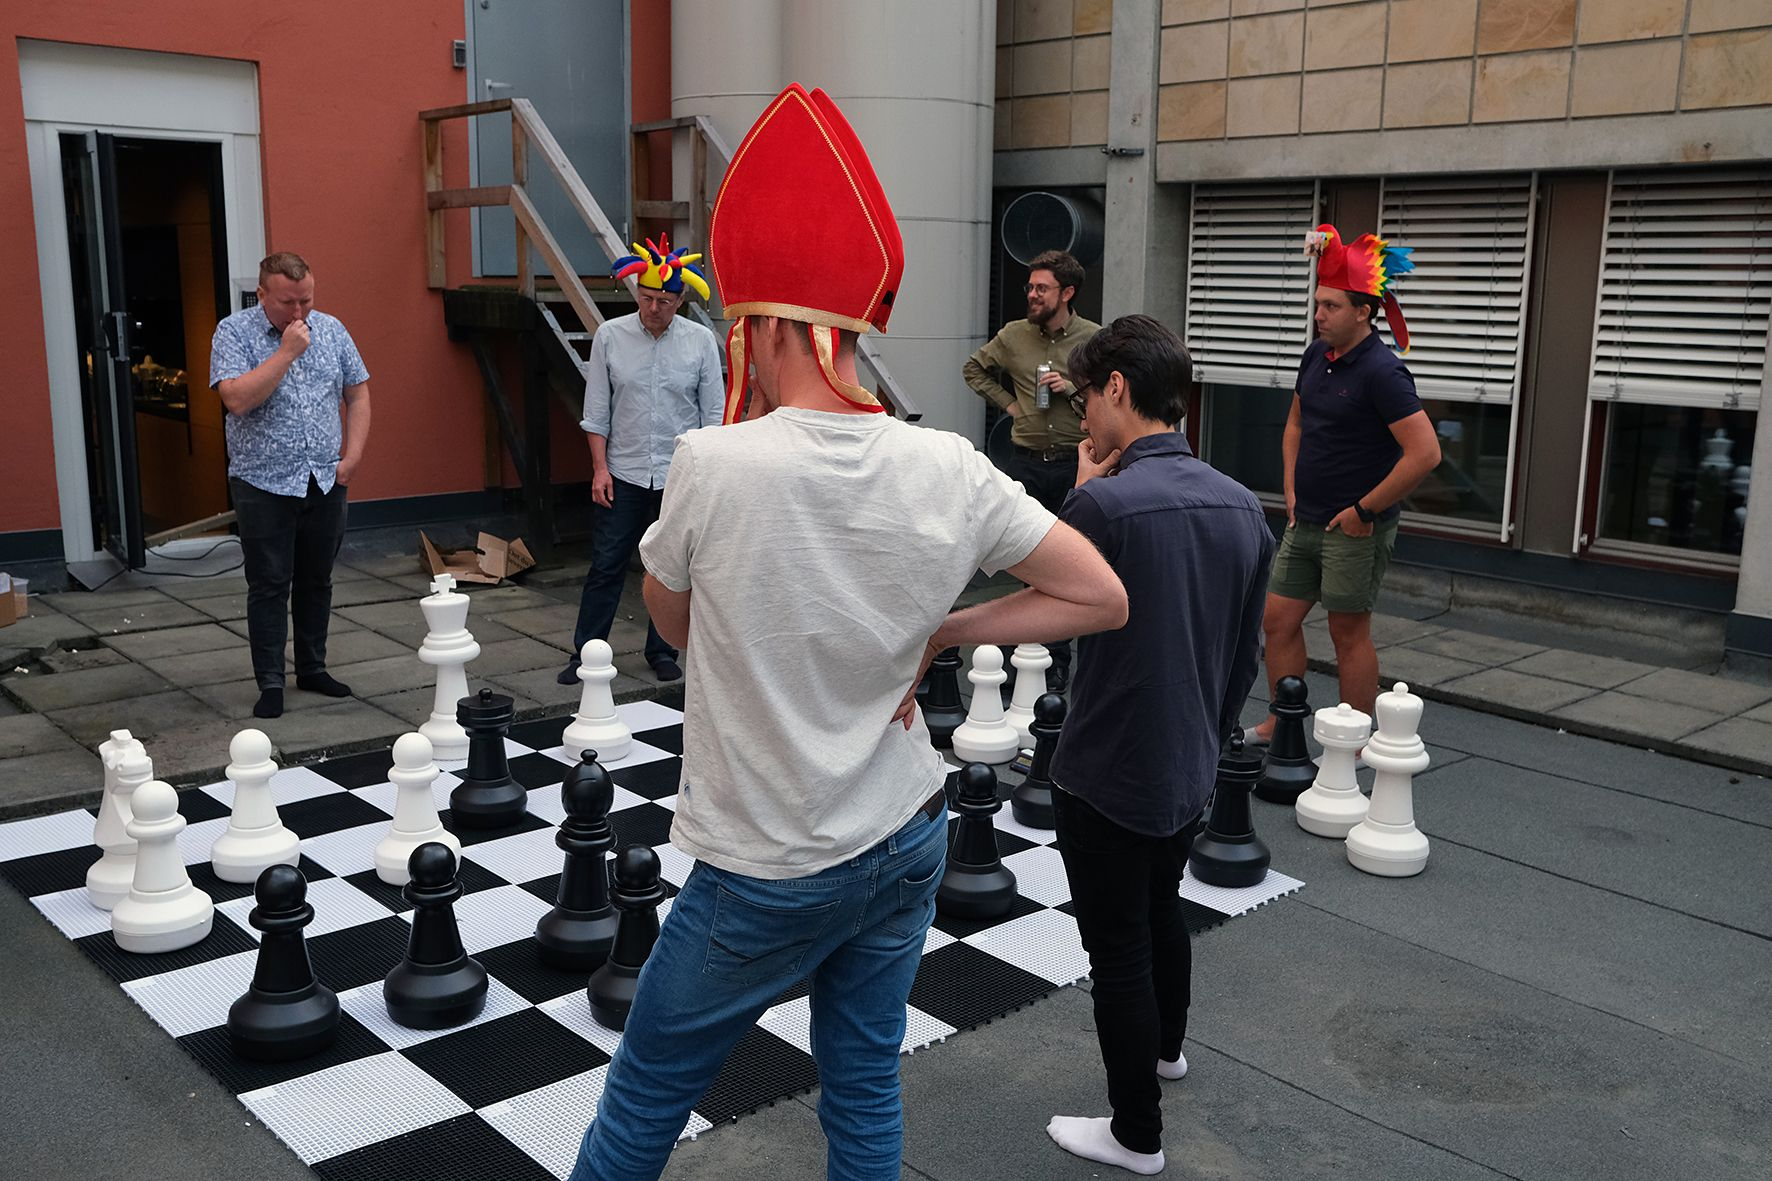 Fotografi av seks personer som står rundt et stort sjakkbrett